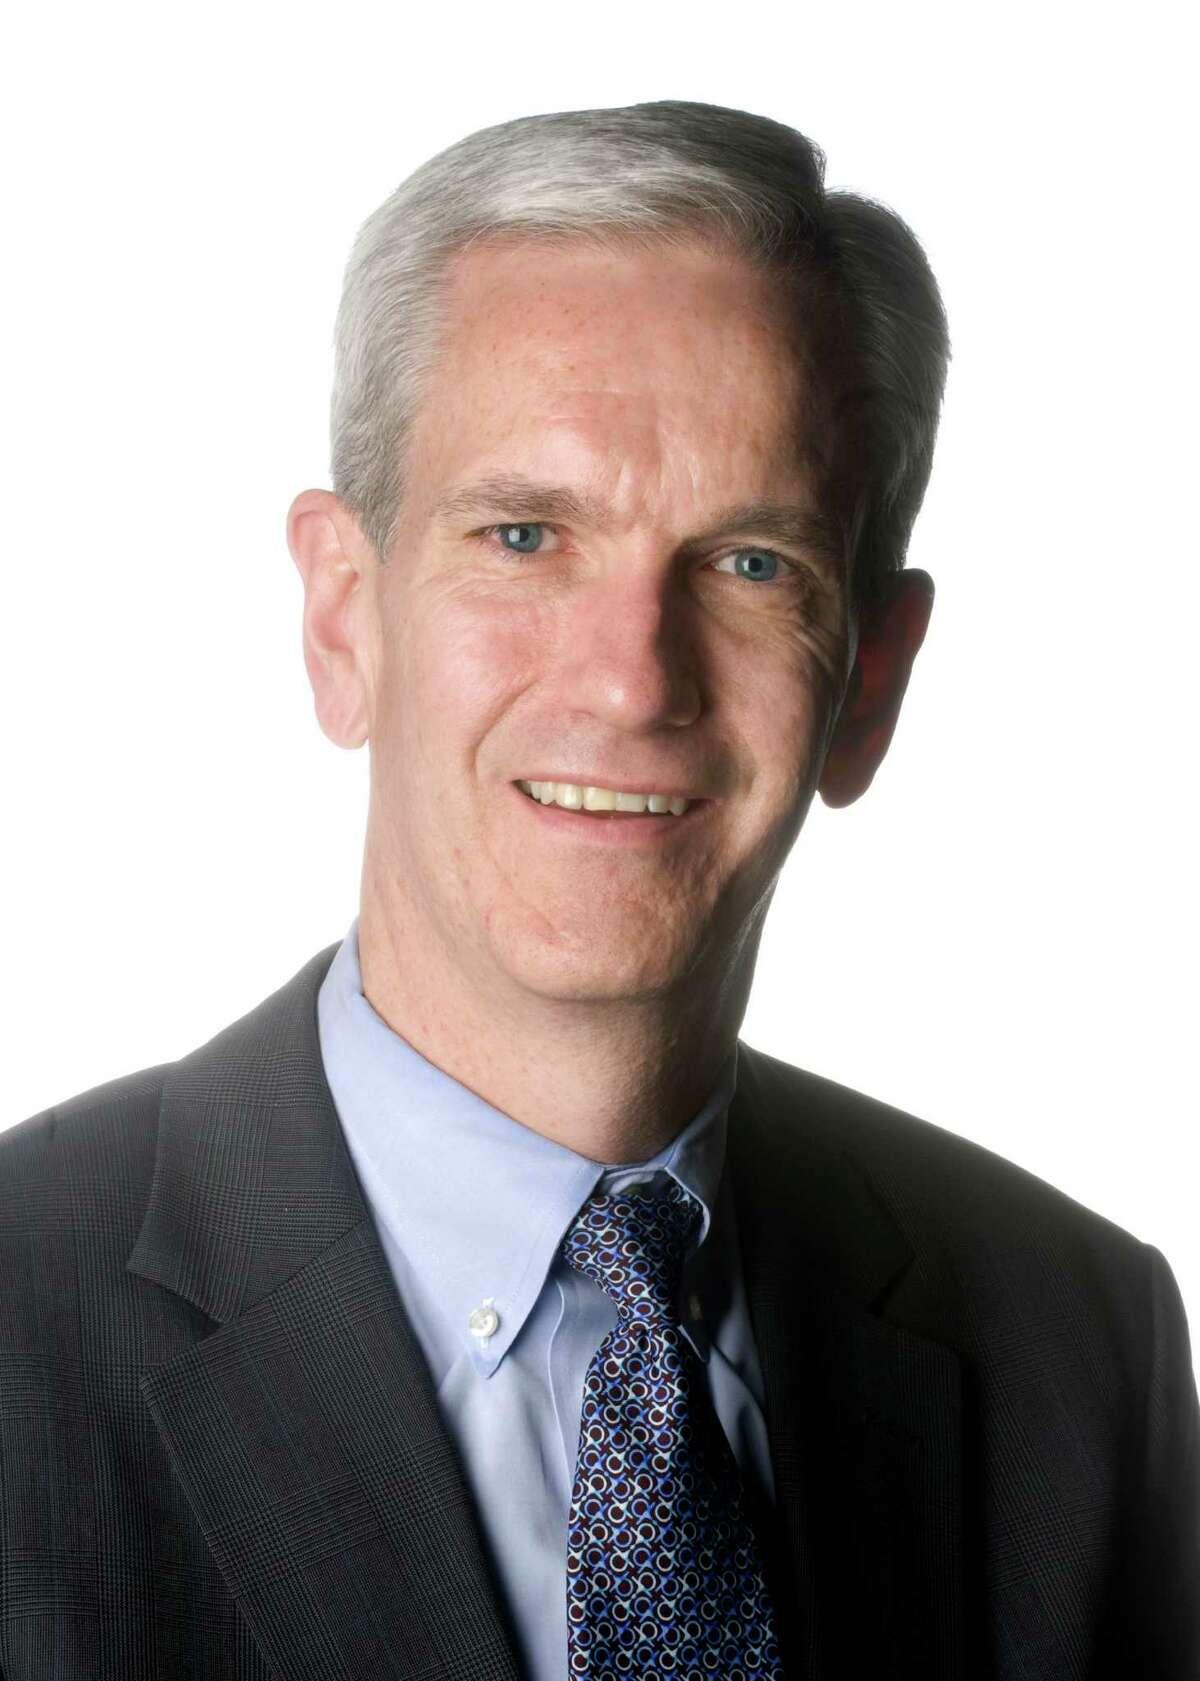 Andrew J. McDonald